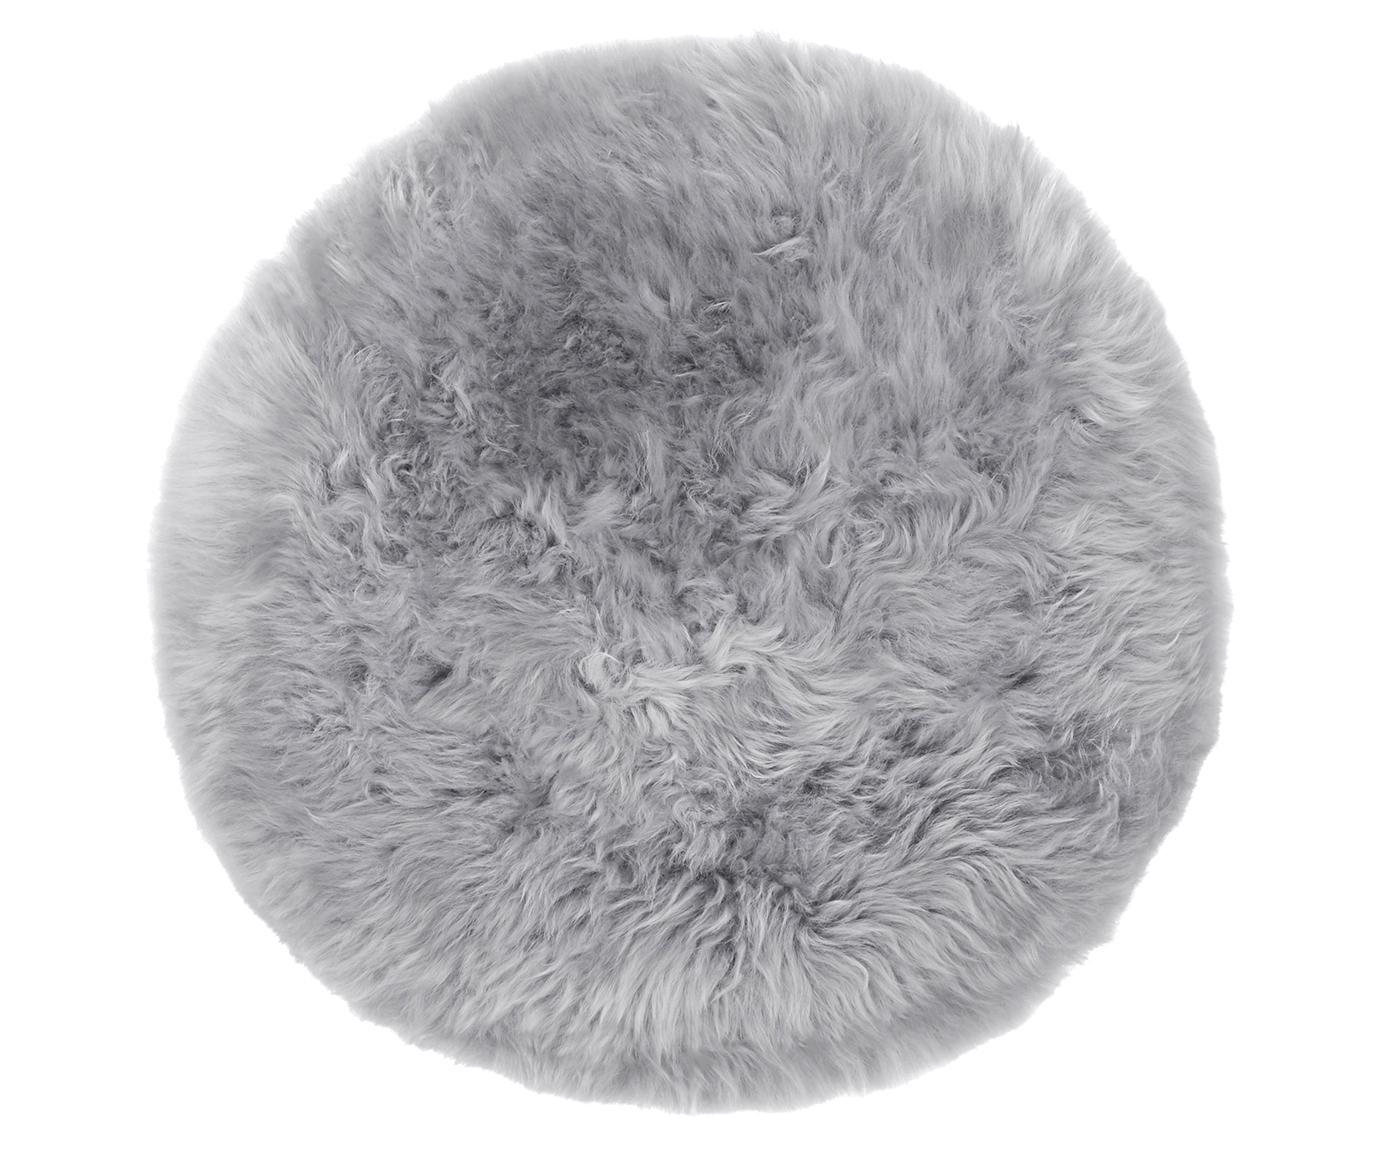 Cuscino sedia in pelliccia di pecora Oslo, Retro: 100% pelle, rivestito sen, Grigio chiaro, Ø 37 cm